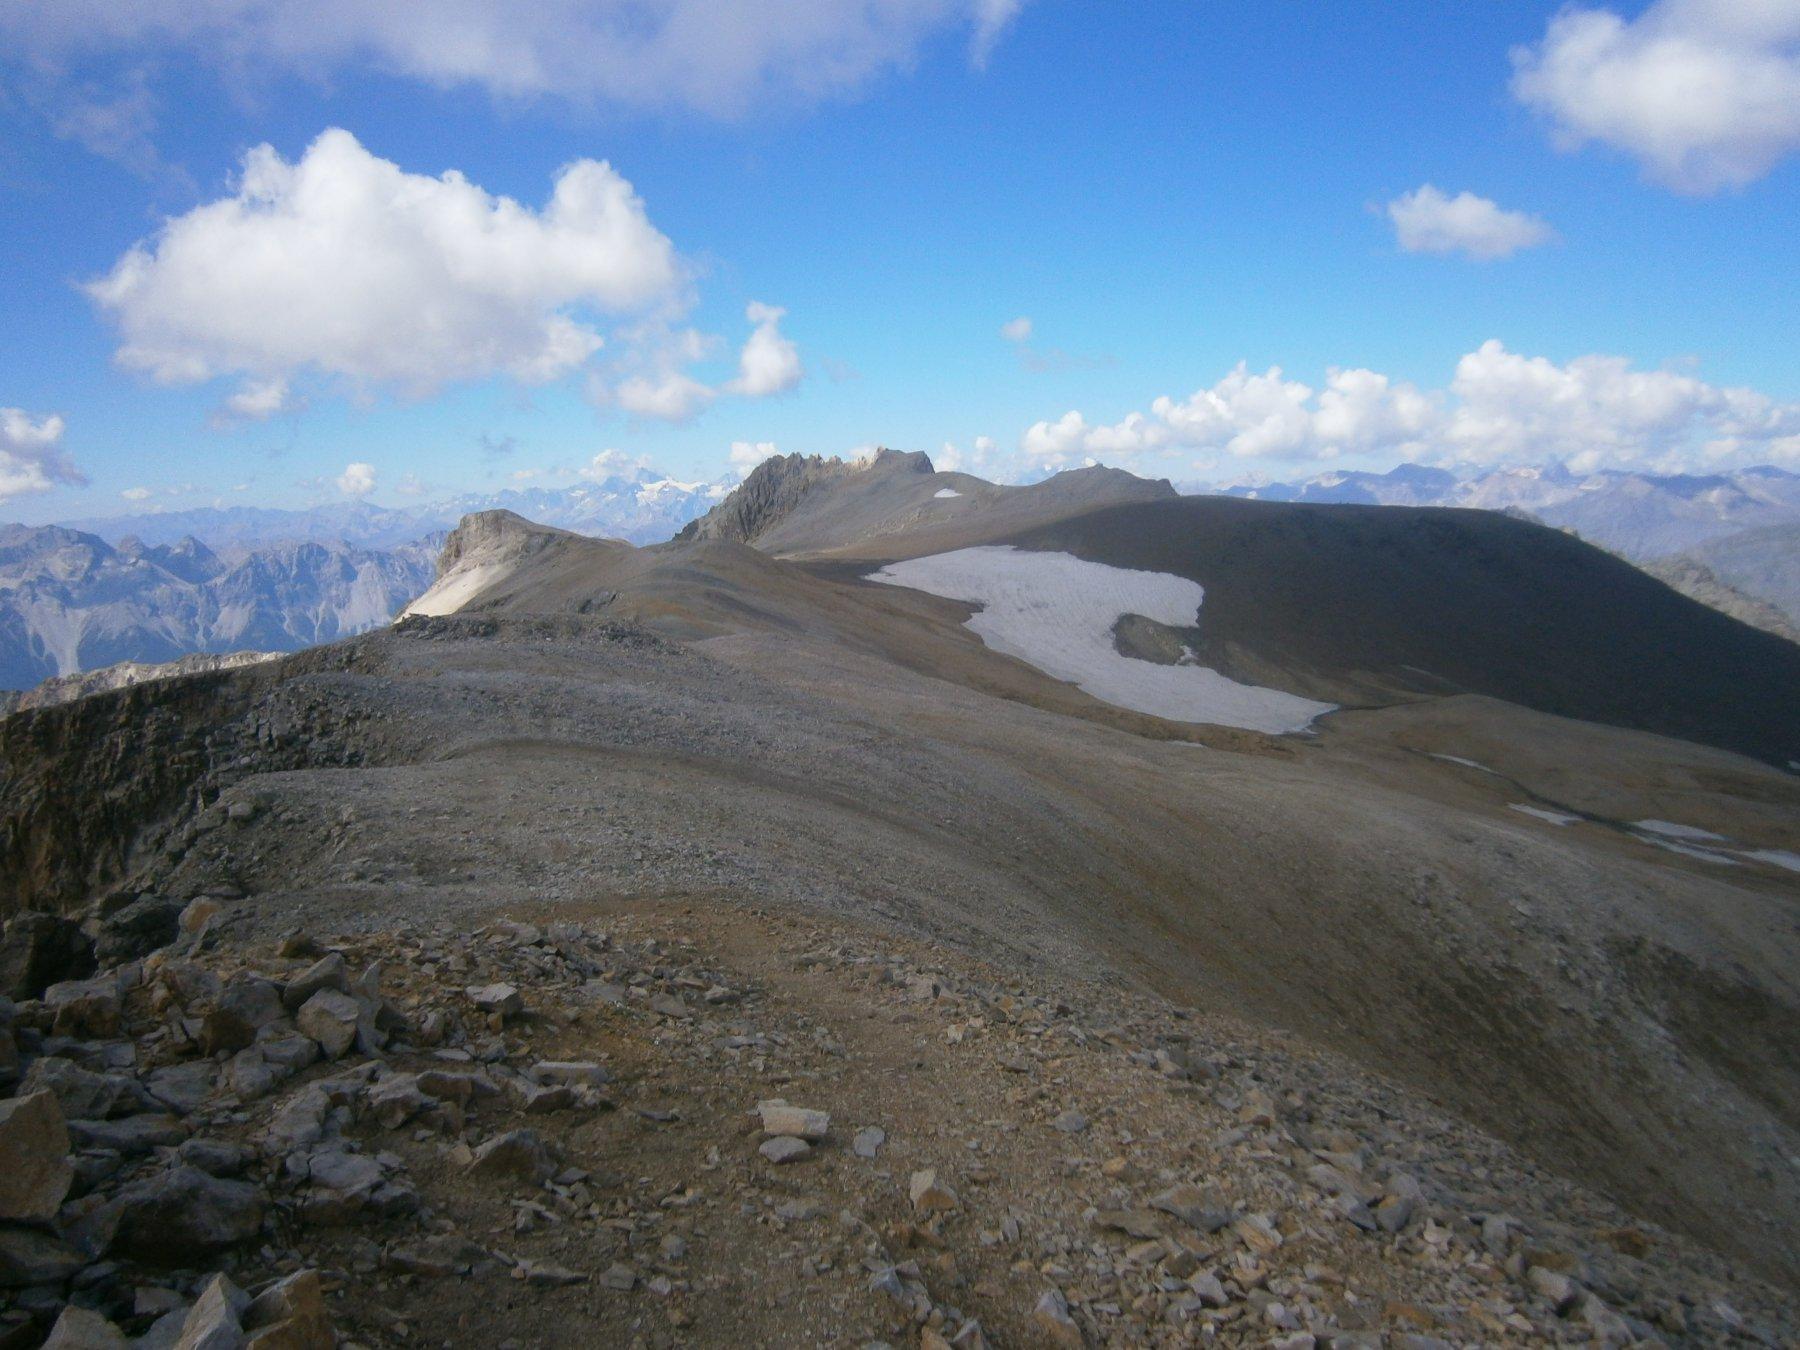 La dorsale dal Roc Peirous al m. del Vallonetto